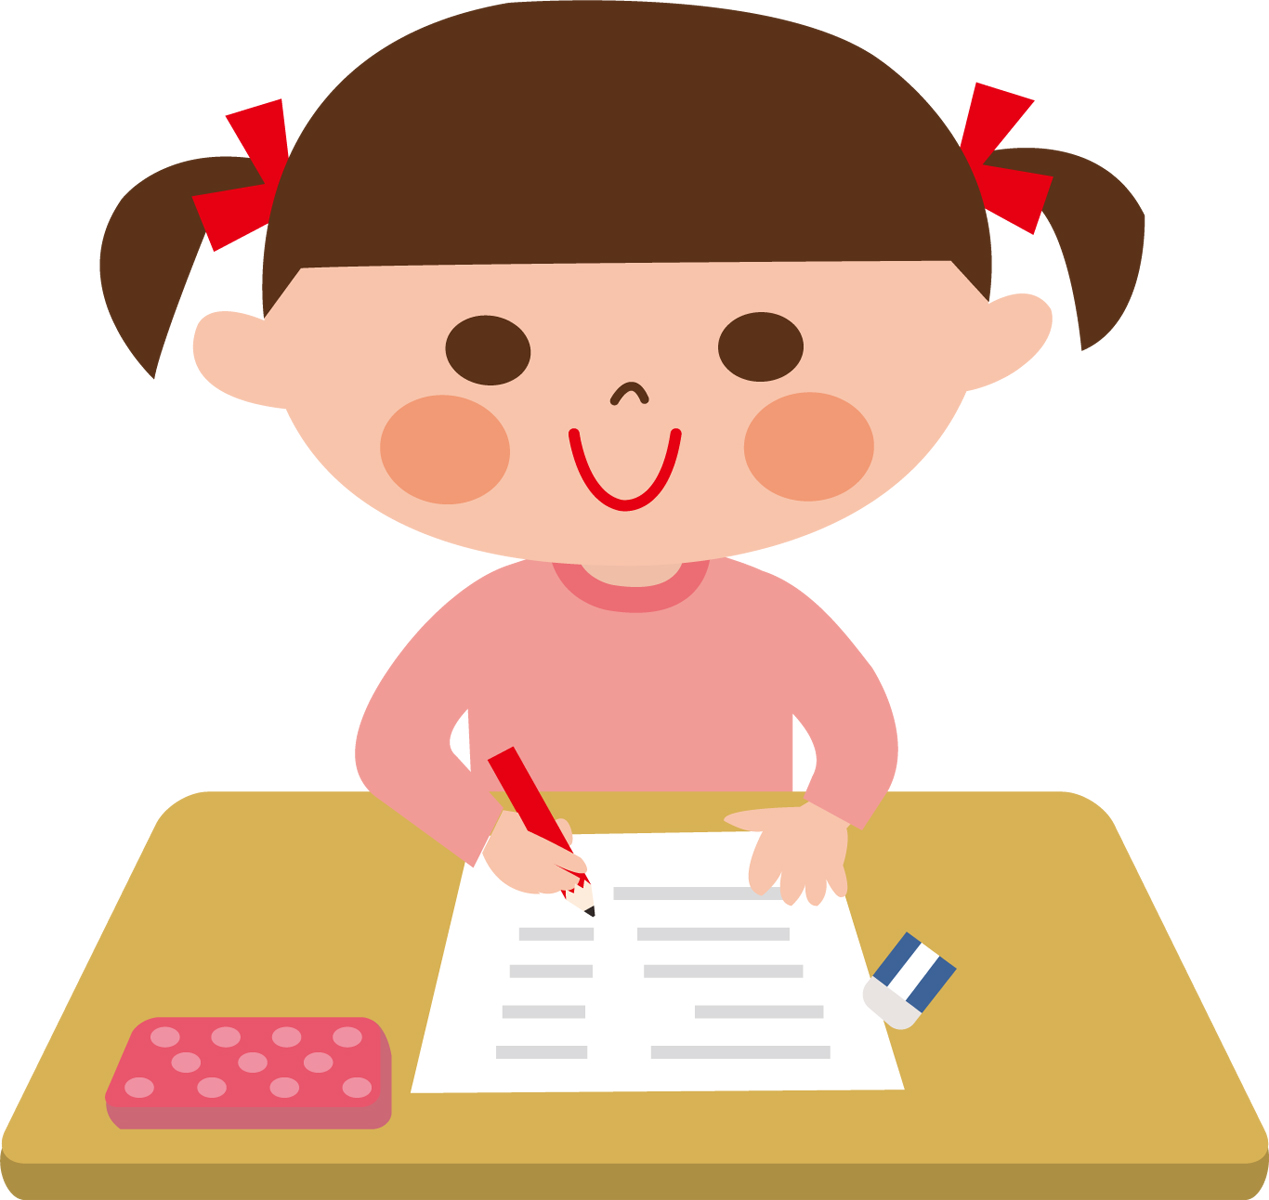 筆箱☆可愛いキャラクターで長く使えるものといえばどんなの?